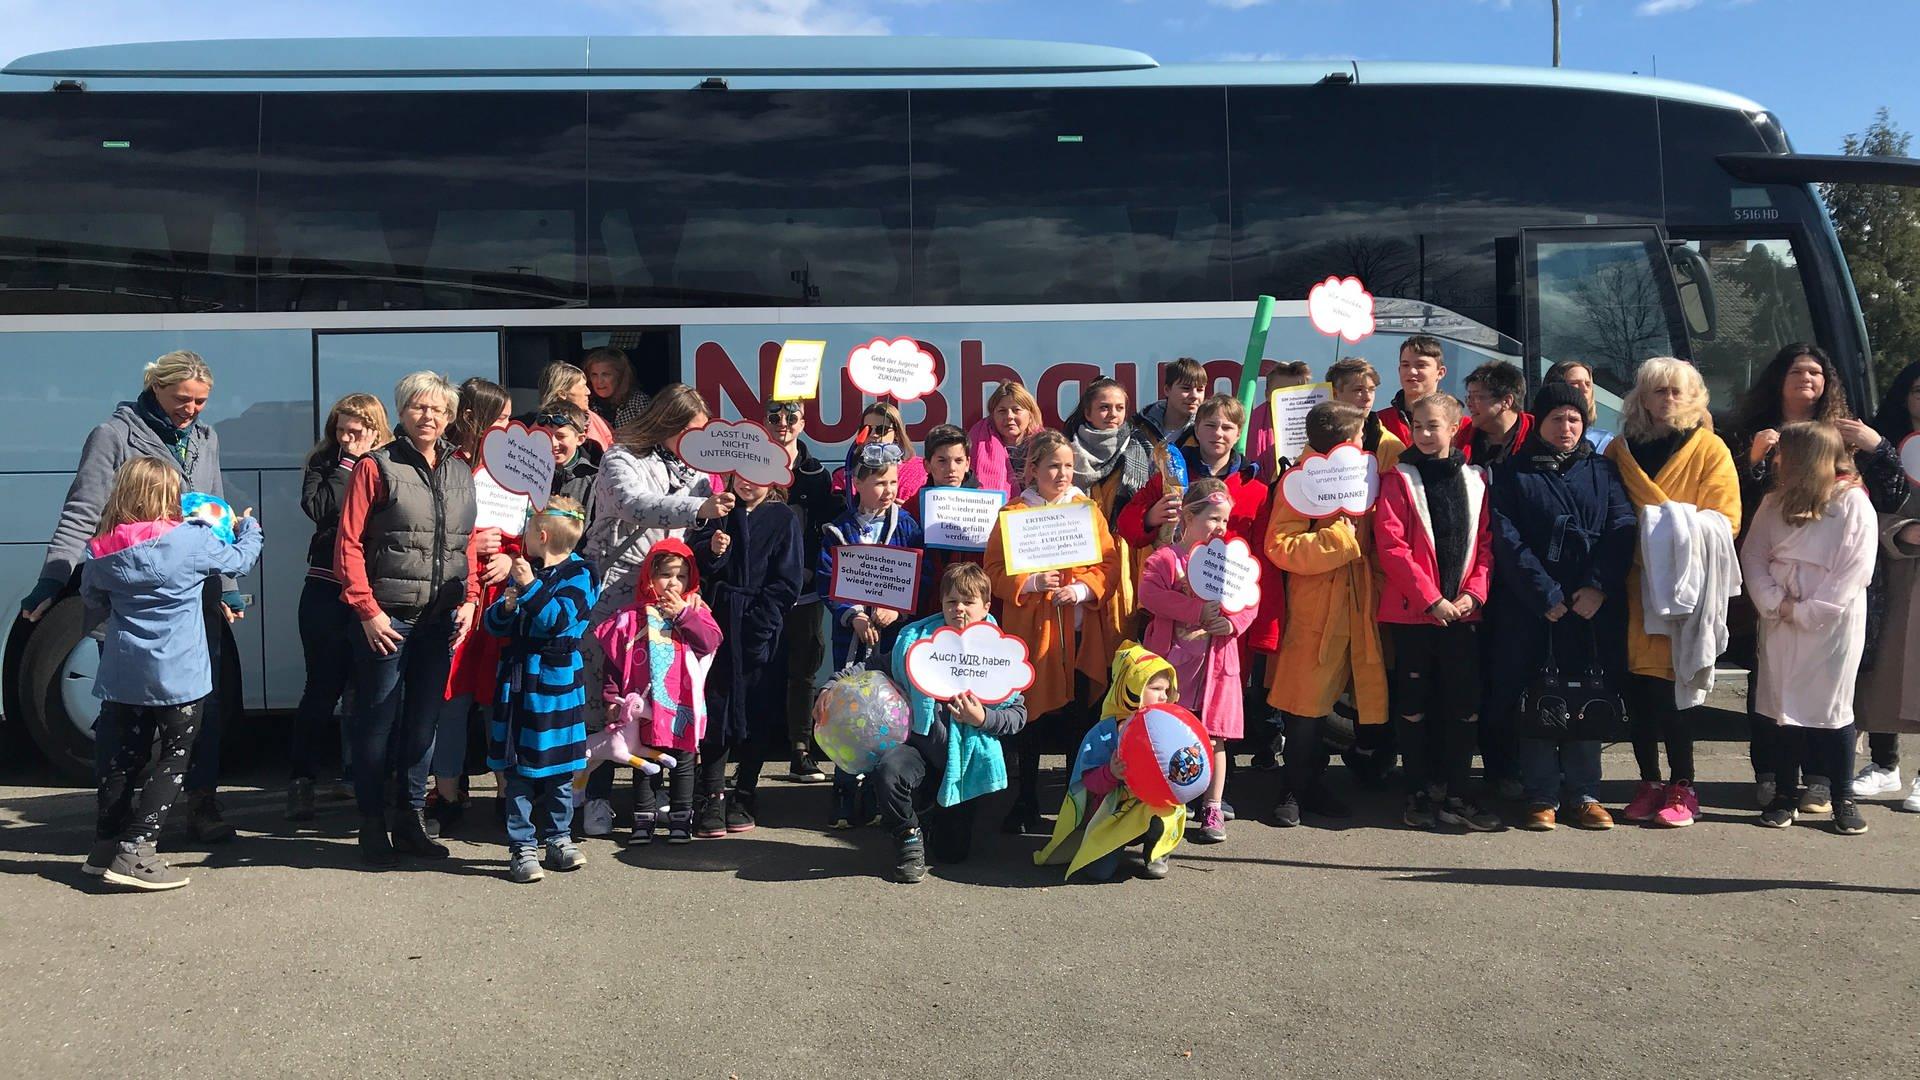 Eine Gruppe Menschen steht vor einem Reisebus. Die Erwachsenen und Kinder tragen Bademäntel und halte selbst gebastelte Protestschilder in den Händen.